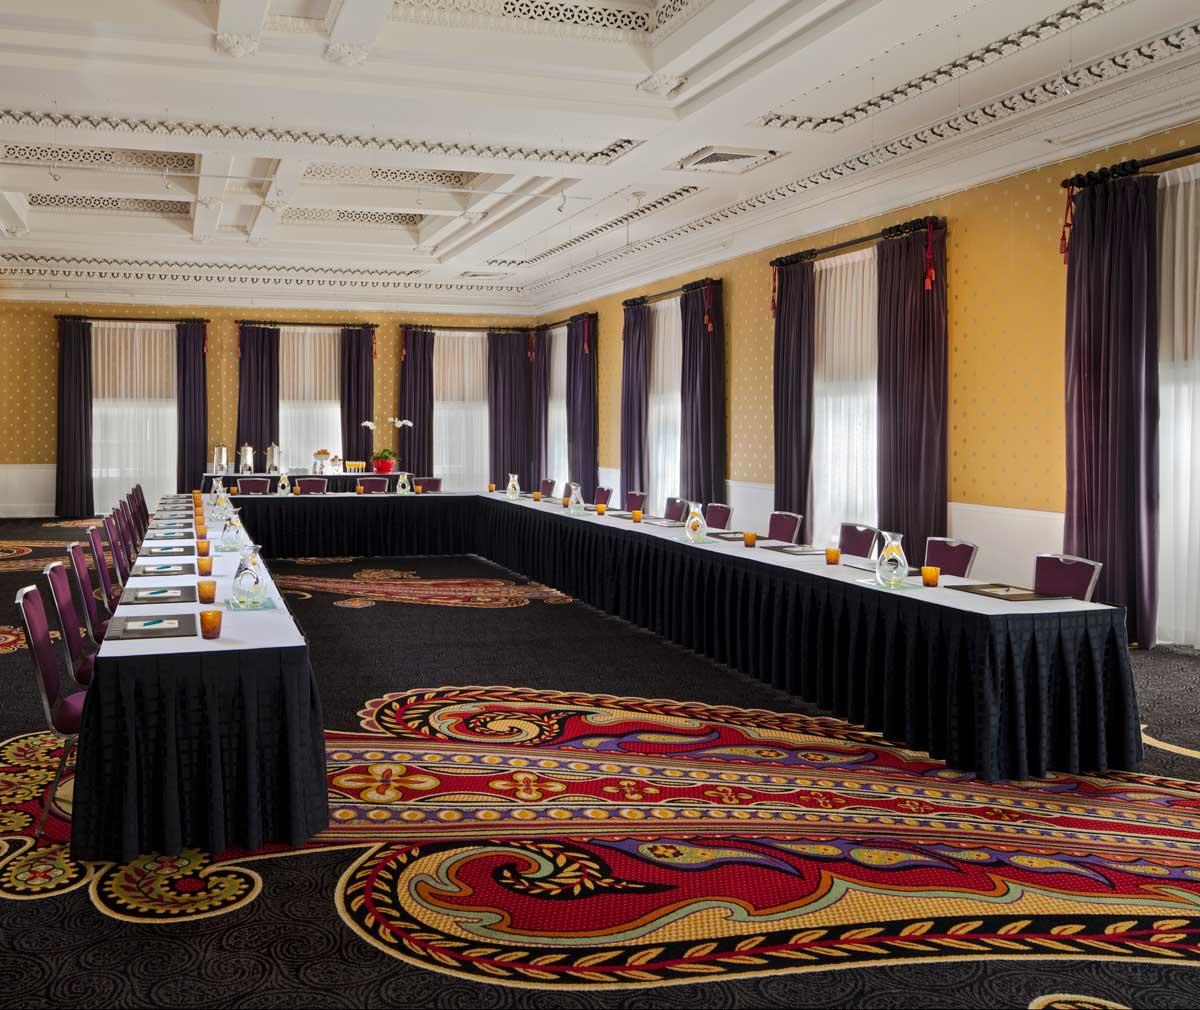 Sala de reuniones del Kimpton Hotel Monaco Athens: espacio para reuniones ejecutivas en Washington, DC